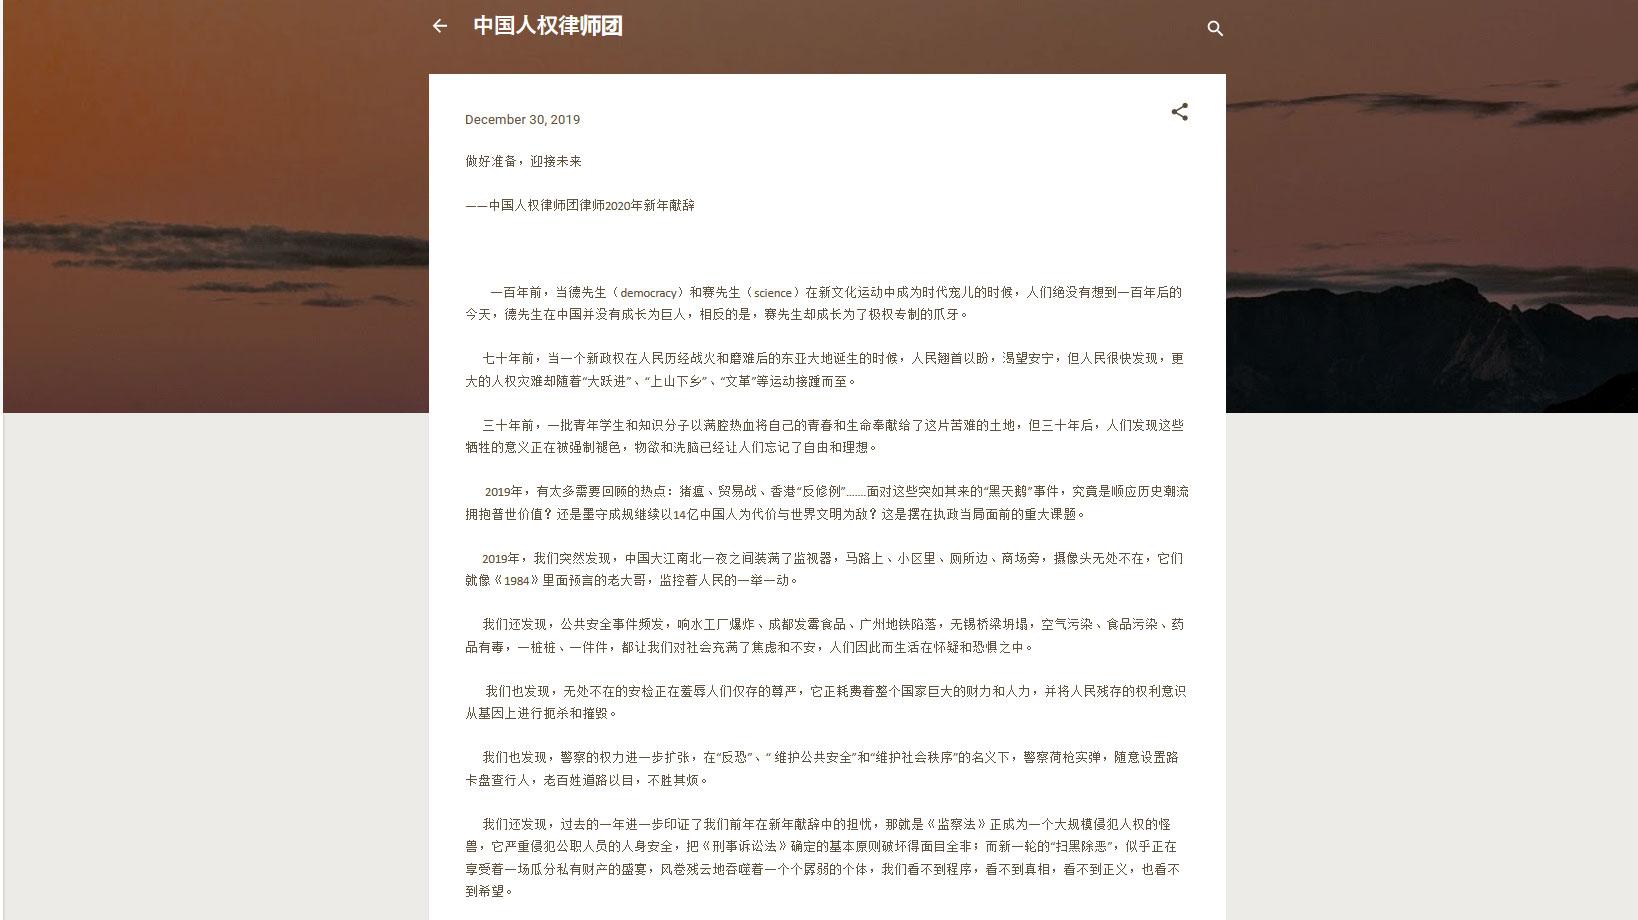 中國人權律師團律師2020年新年獻辭之一。(中國人權律師團推特截圖)